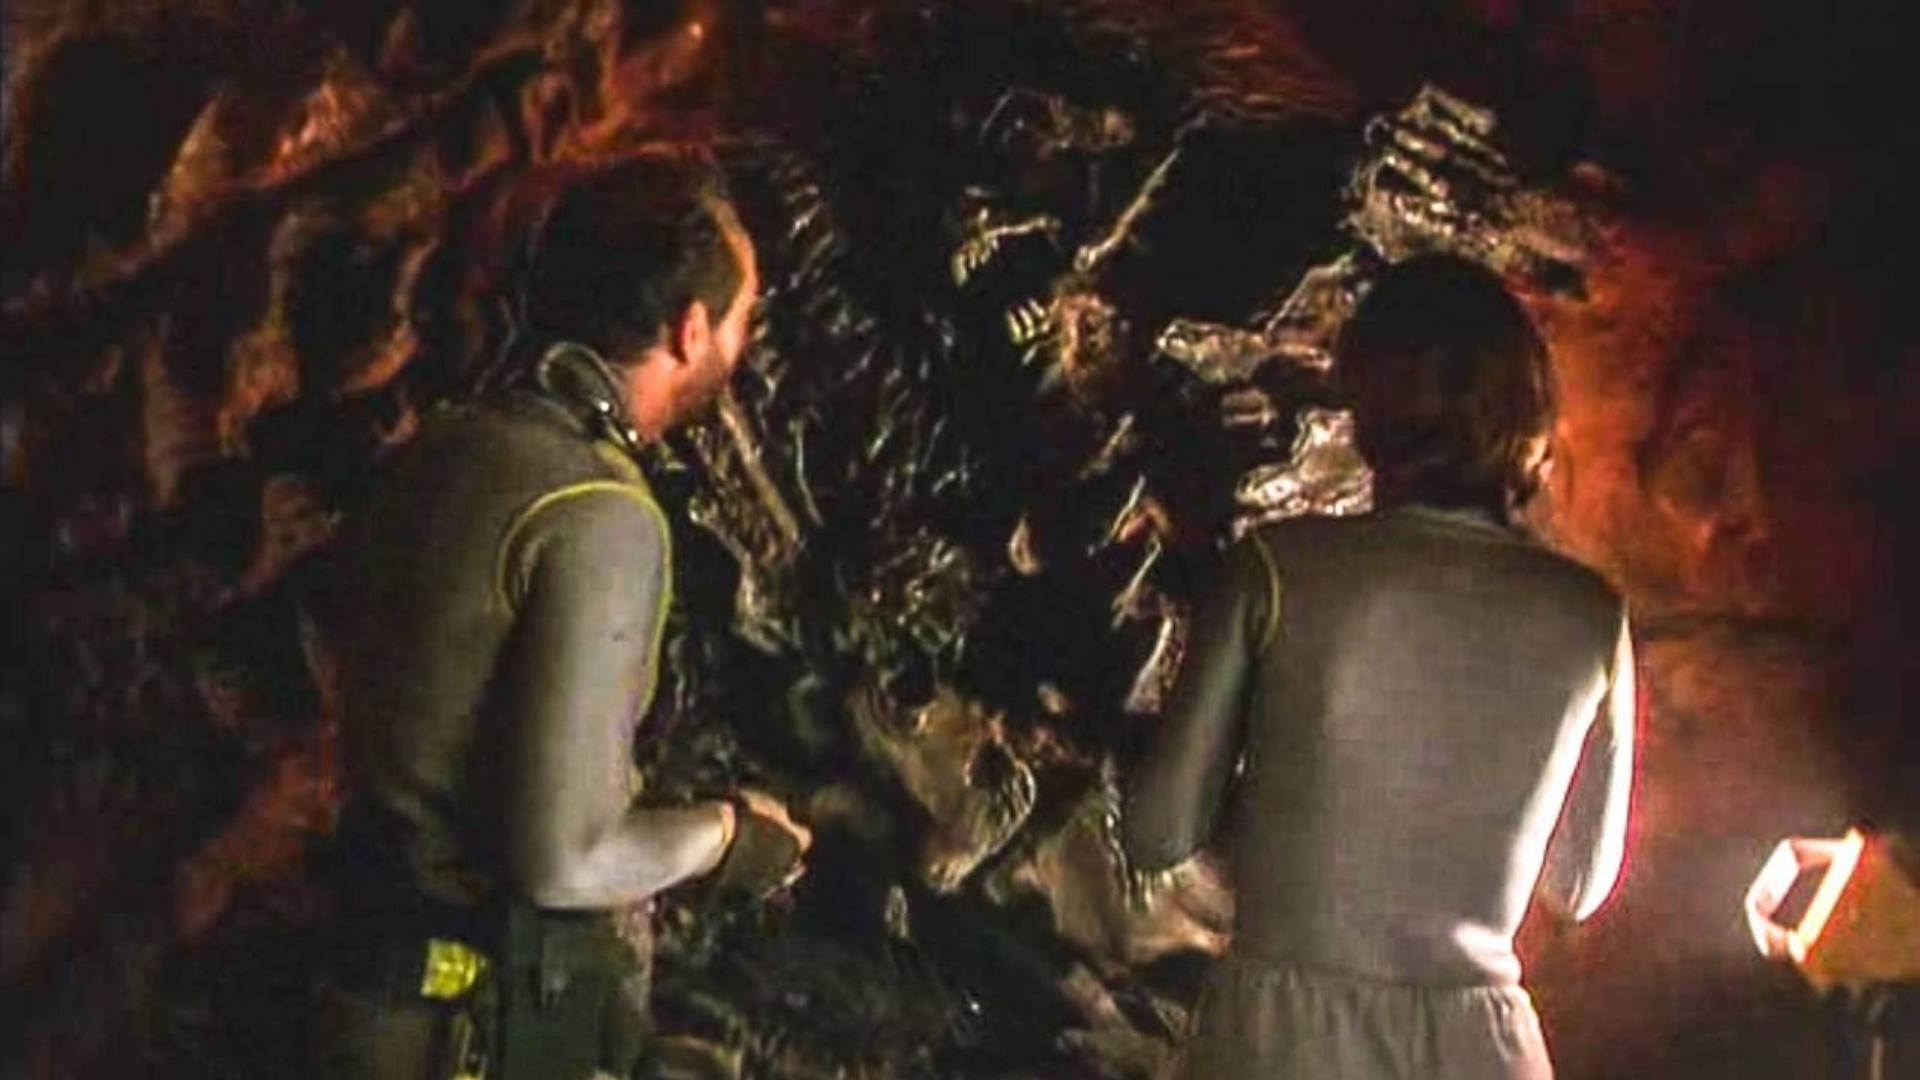 科学家炸开古怪洞穴,进入其中,没想到却释放了远古魔物